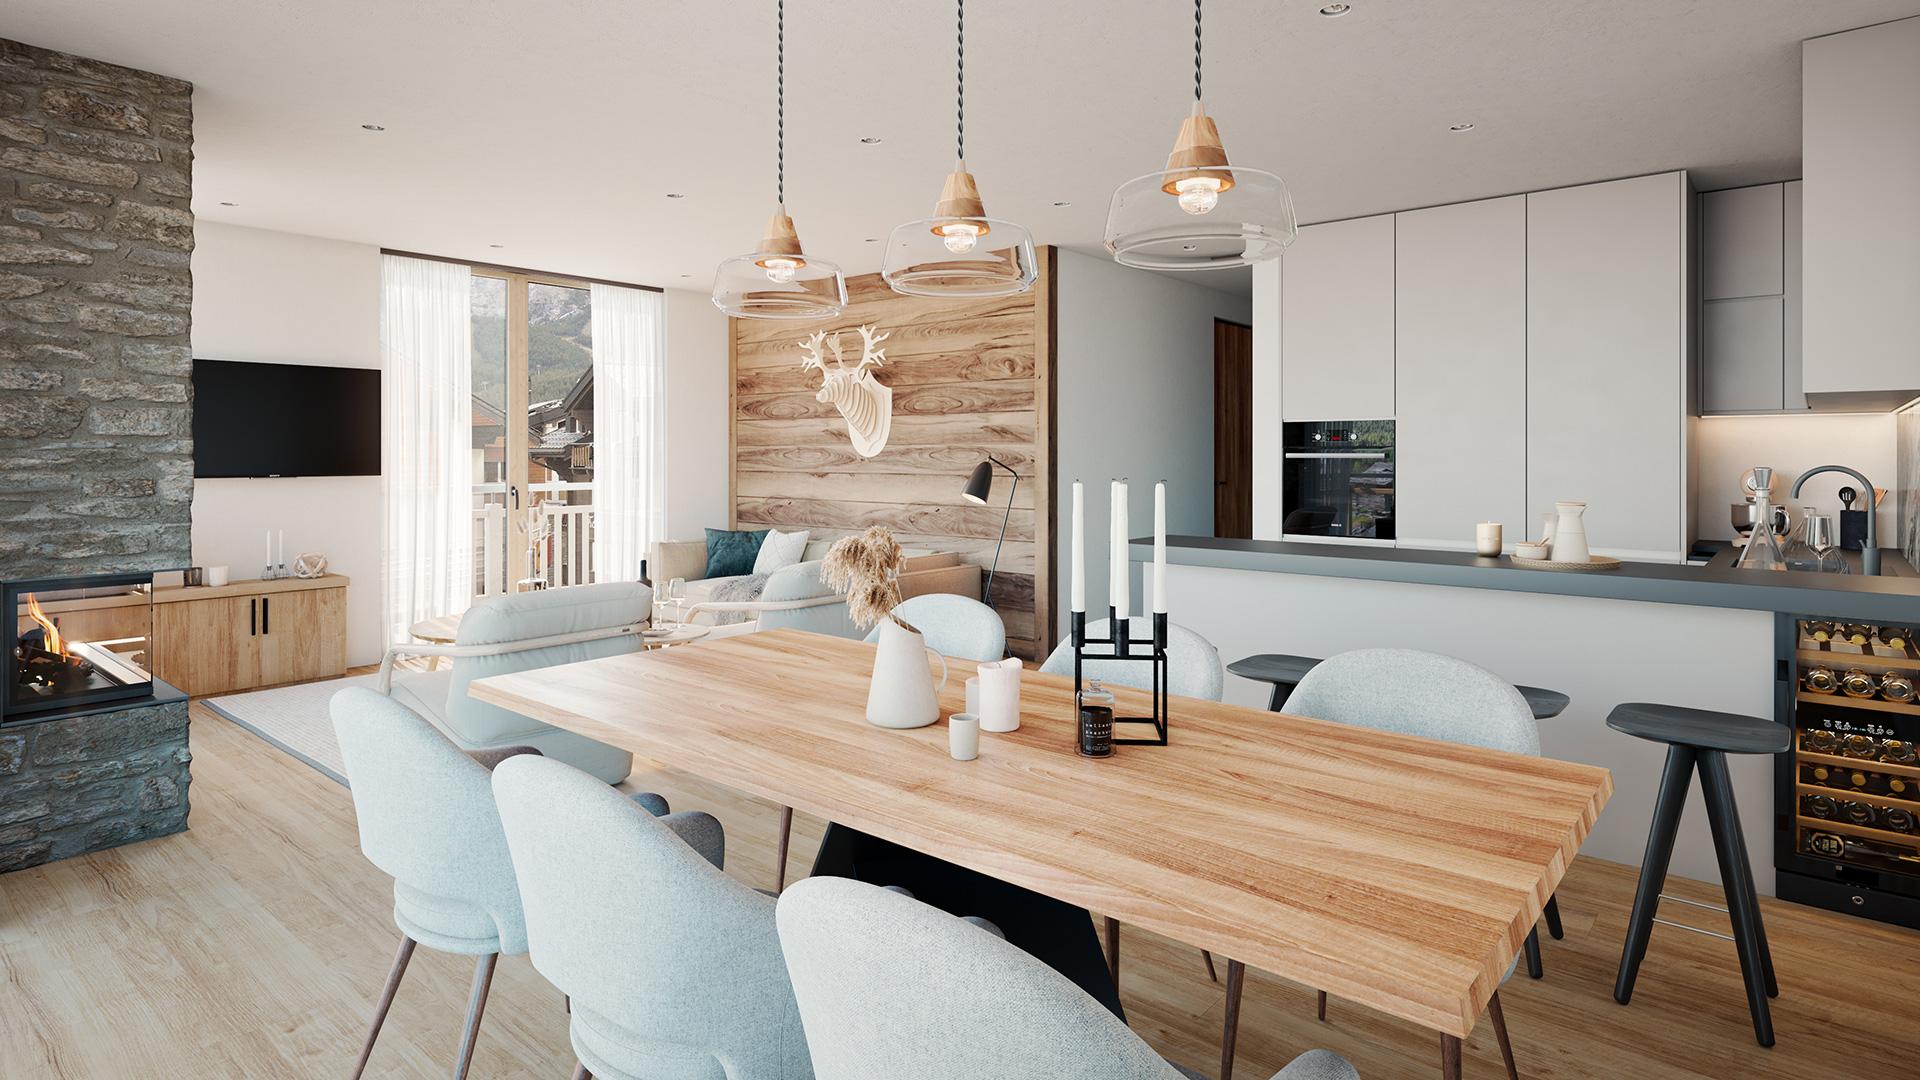 Haus Albit Apartments, Switzerland